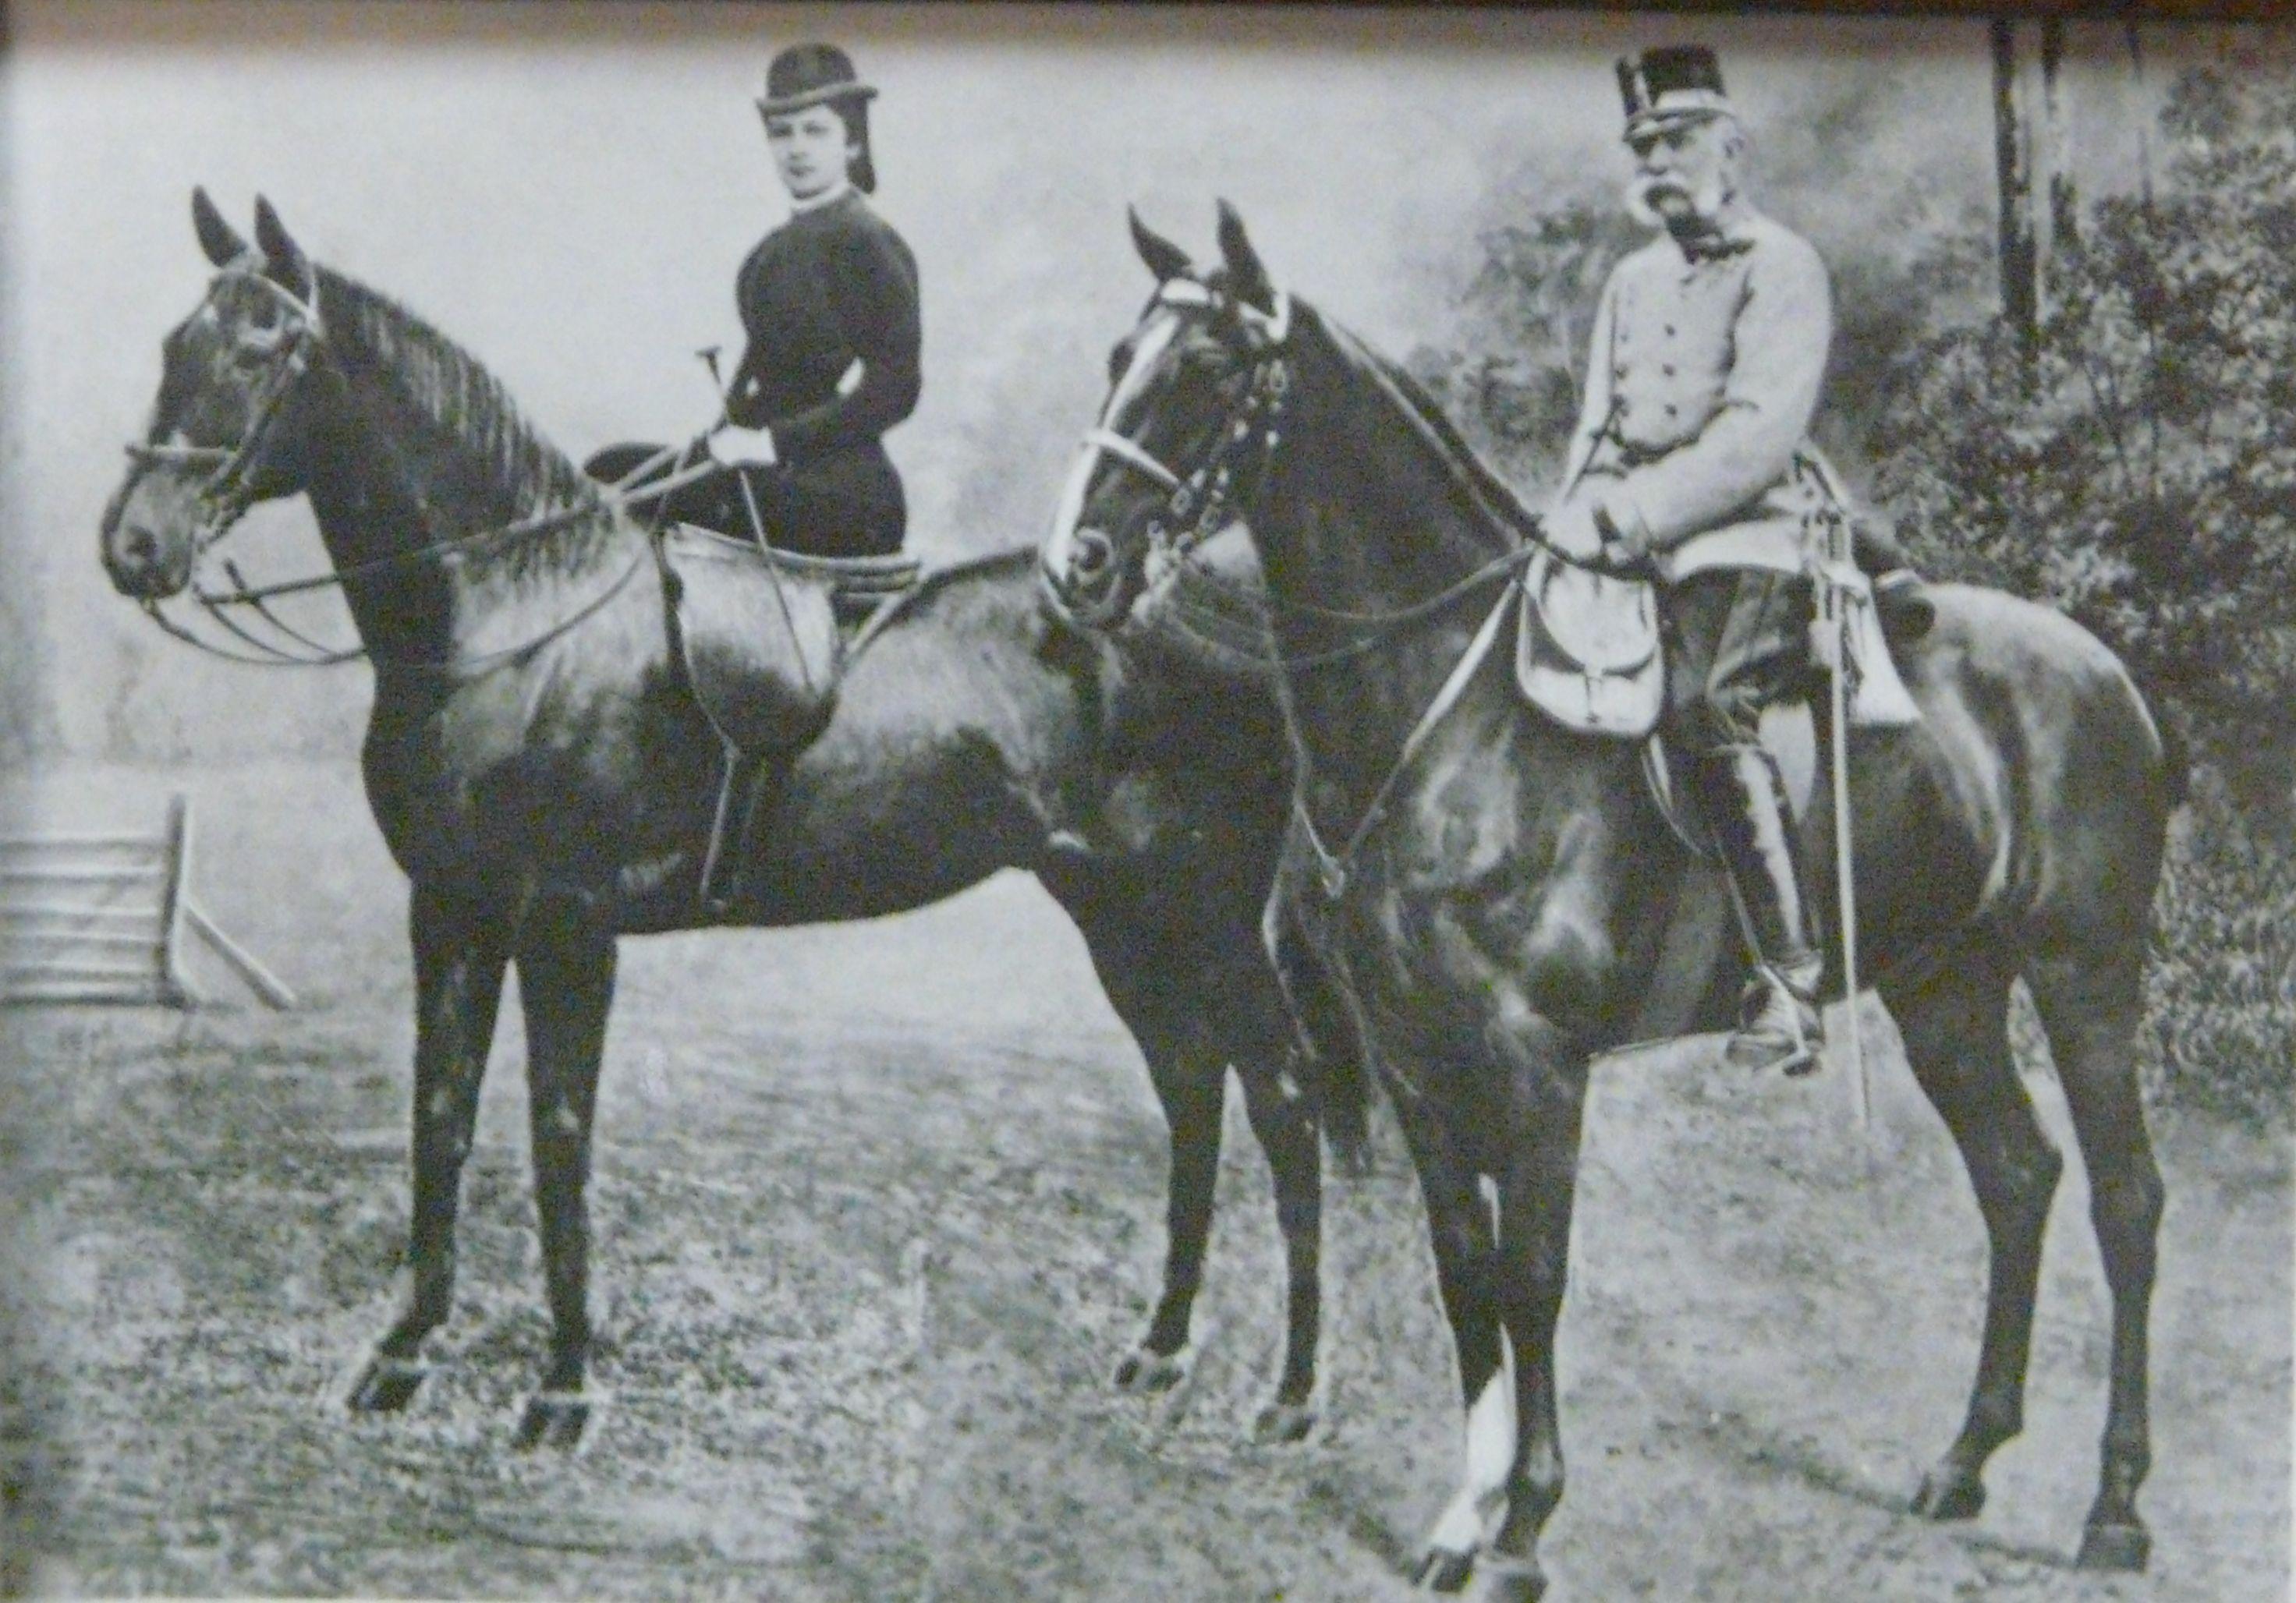 Император Франц Иосиф и императрица Елизавета на конной прогулке. Фотооткрытка 1895 года.